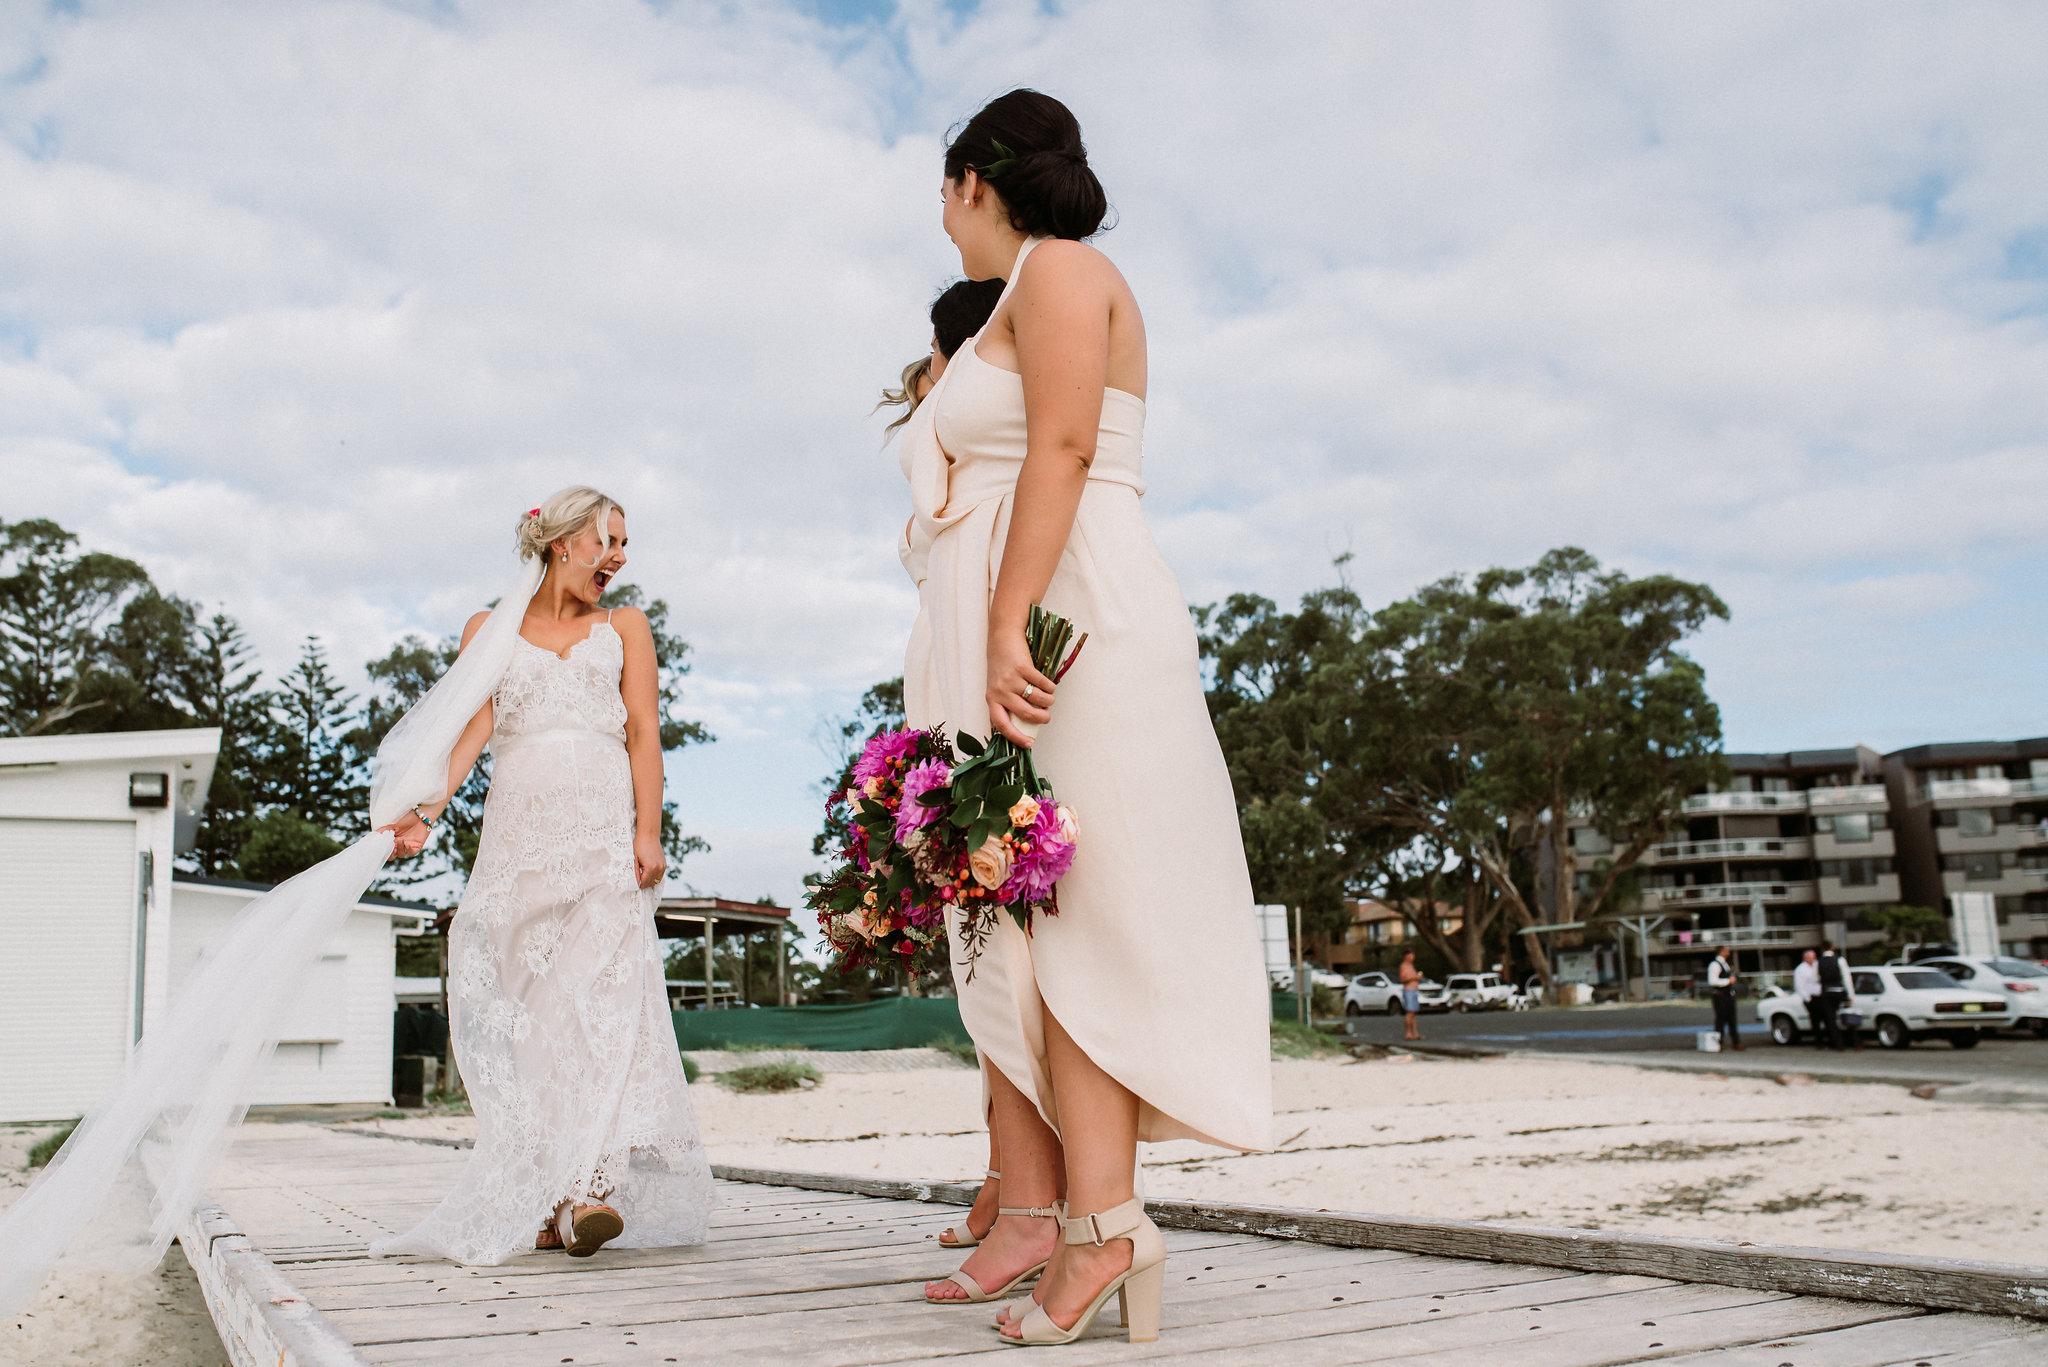 LITTLE-BEACH-WEDDING-MARCHANT-976.jpg